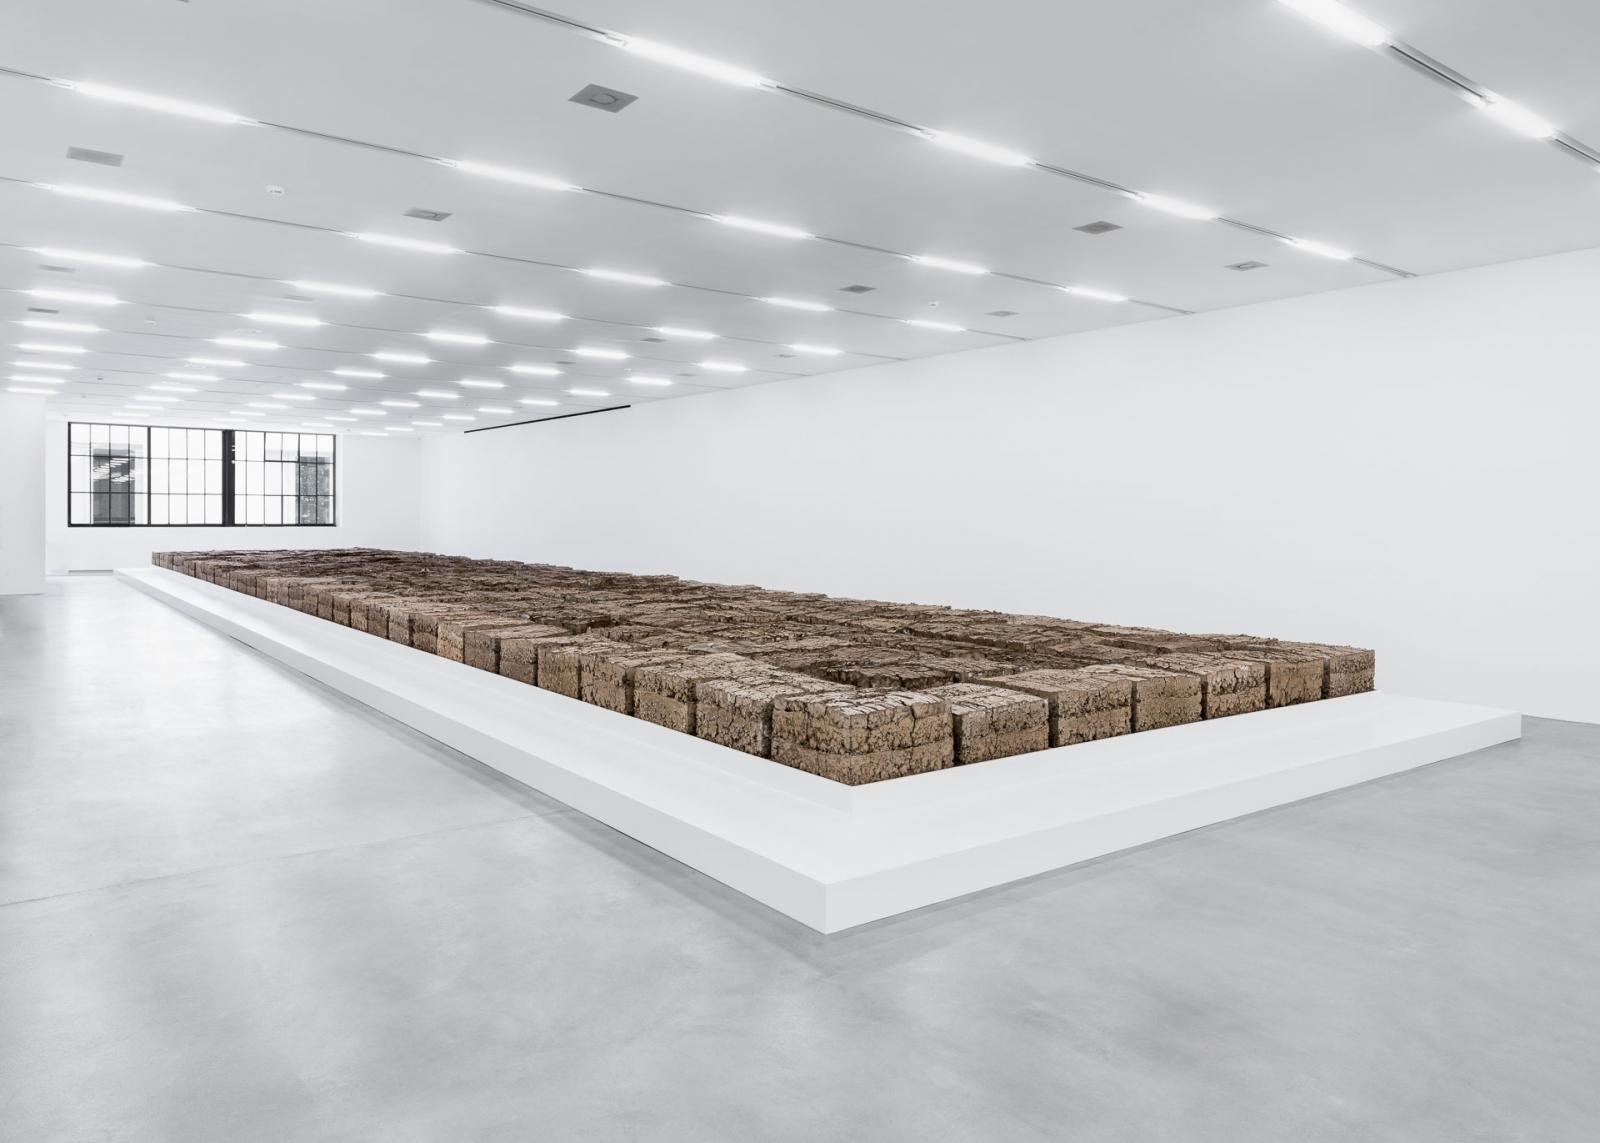 Mike Bouchet Installation view/The Zurich Load/at Löwenbräukunst Photo: Manifesta 11 / Camilo Brau